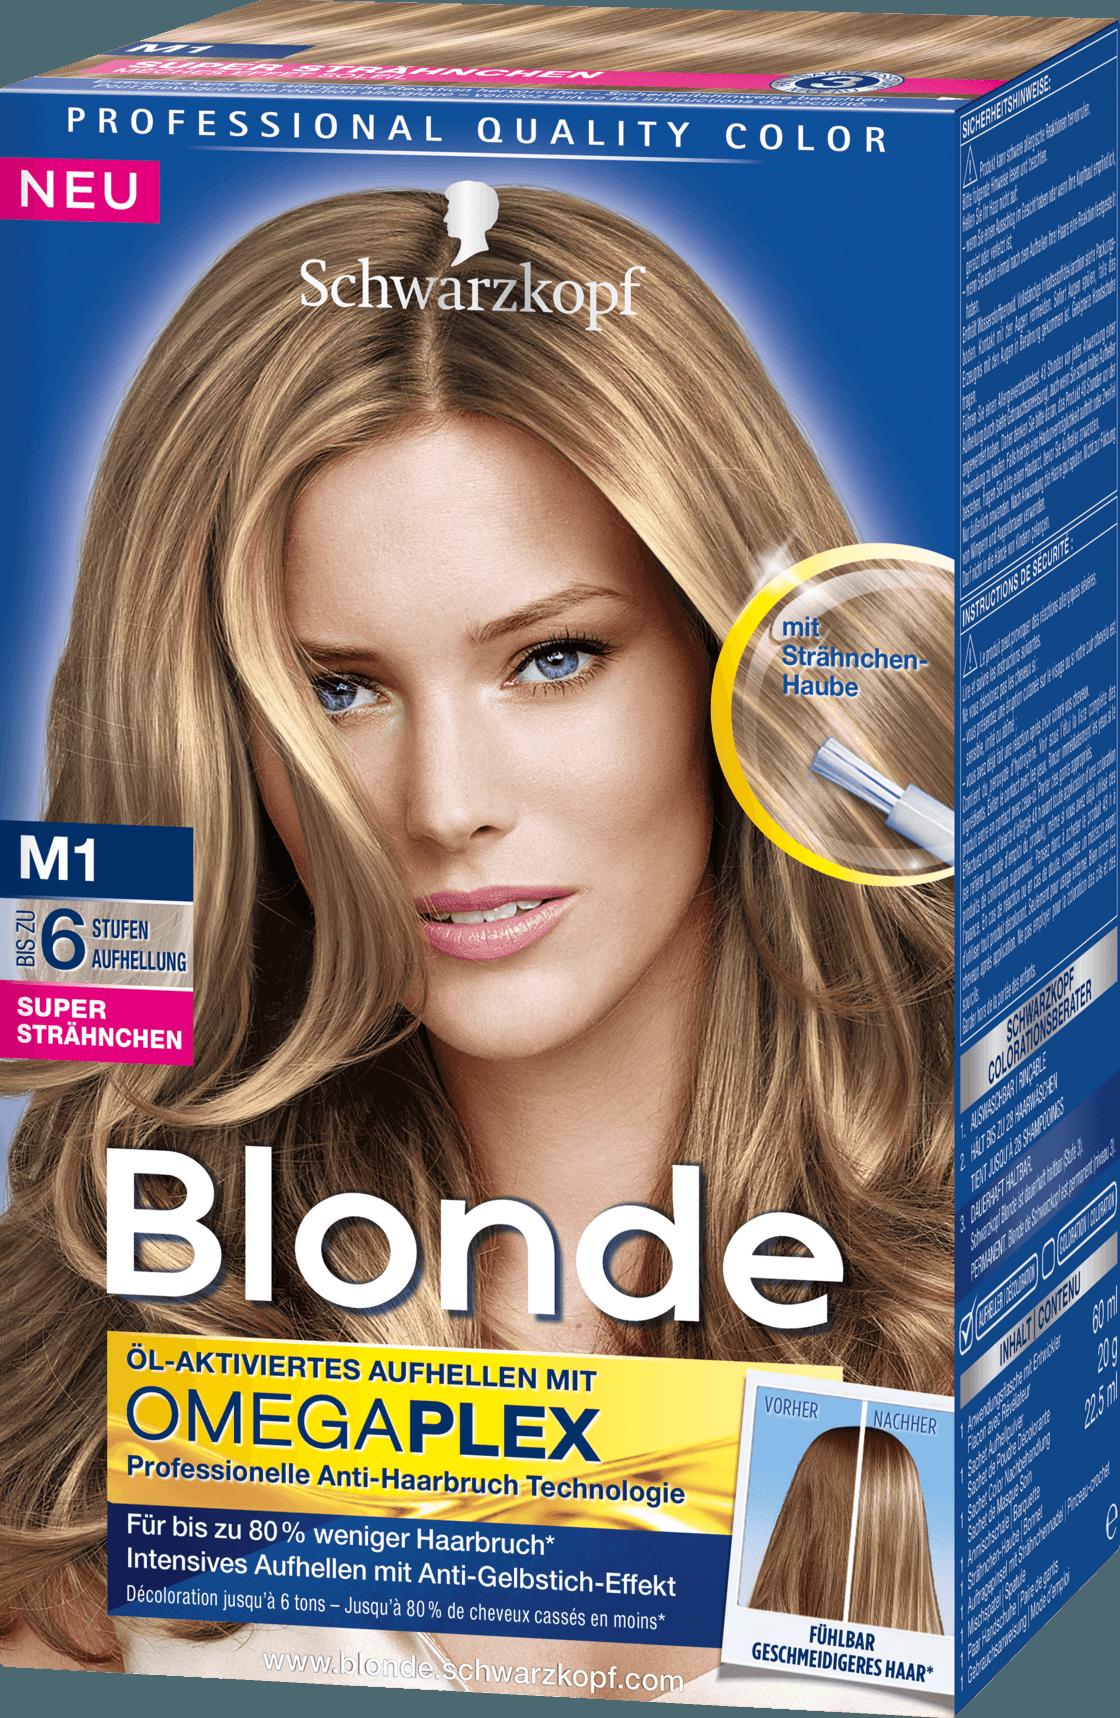 M1 blond schwarzkopf M1 Streaking